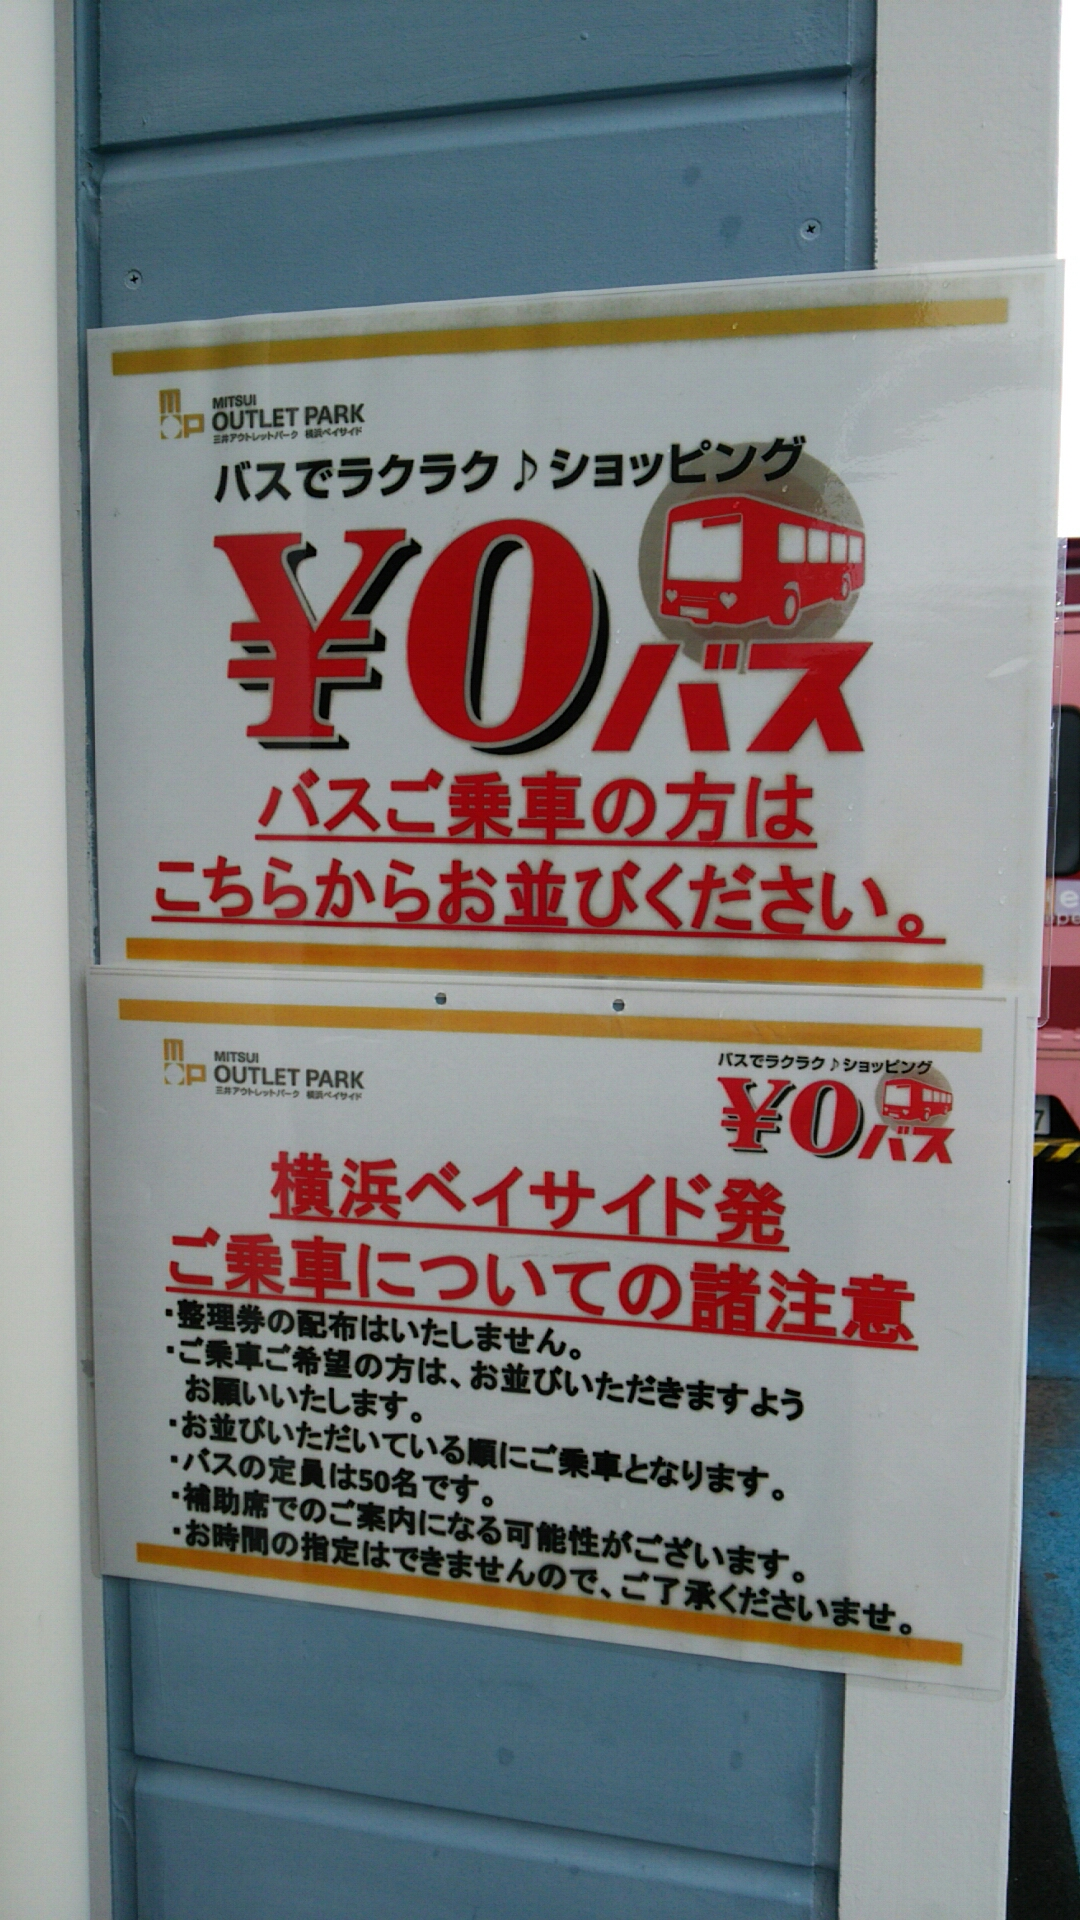 3連休は0円バス運行にパンまつりも!三井アウトレットパーク〔横浜〕